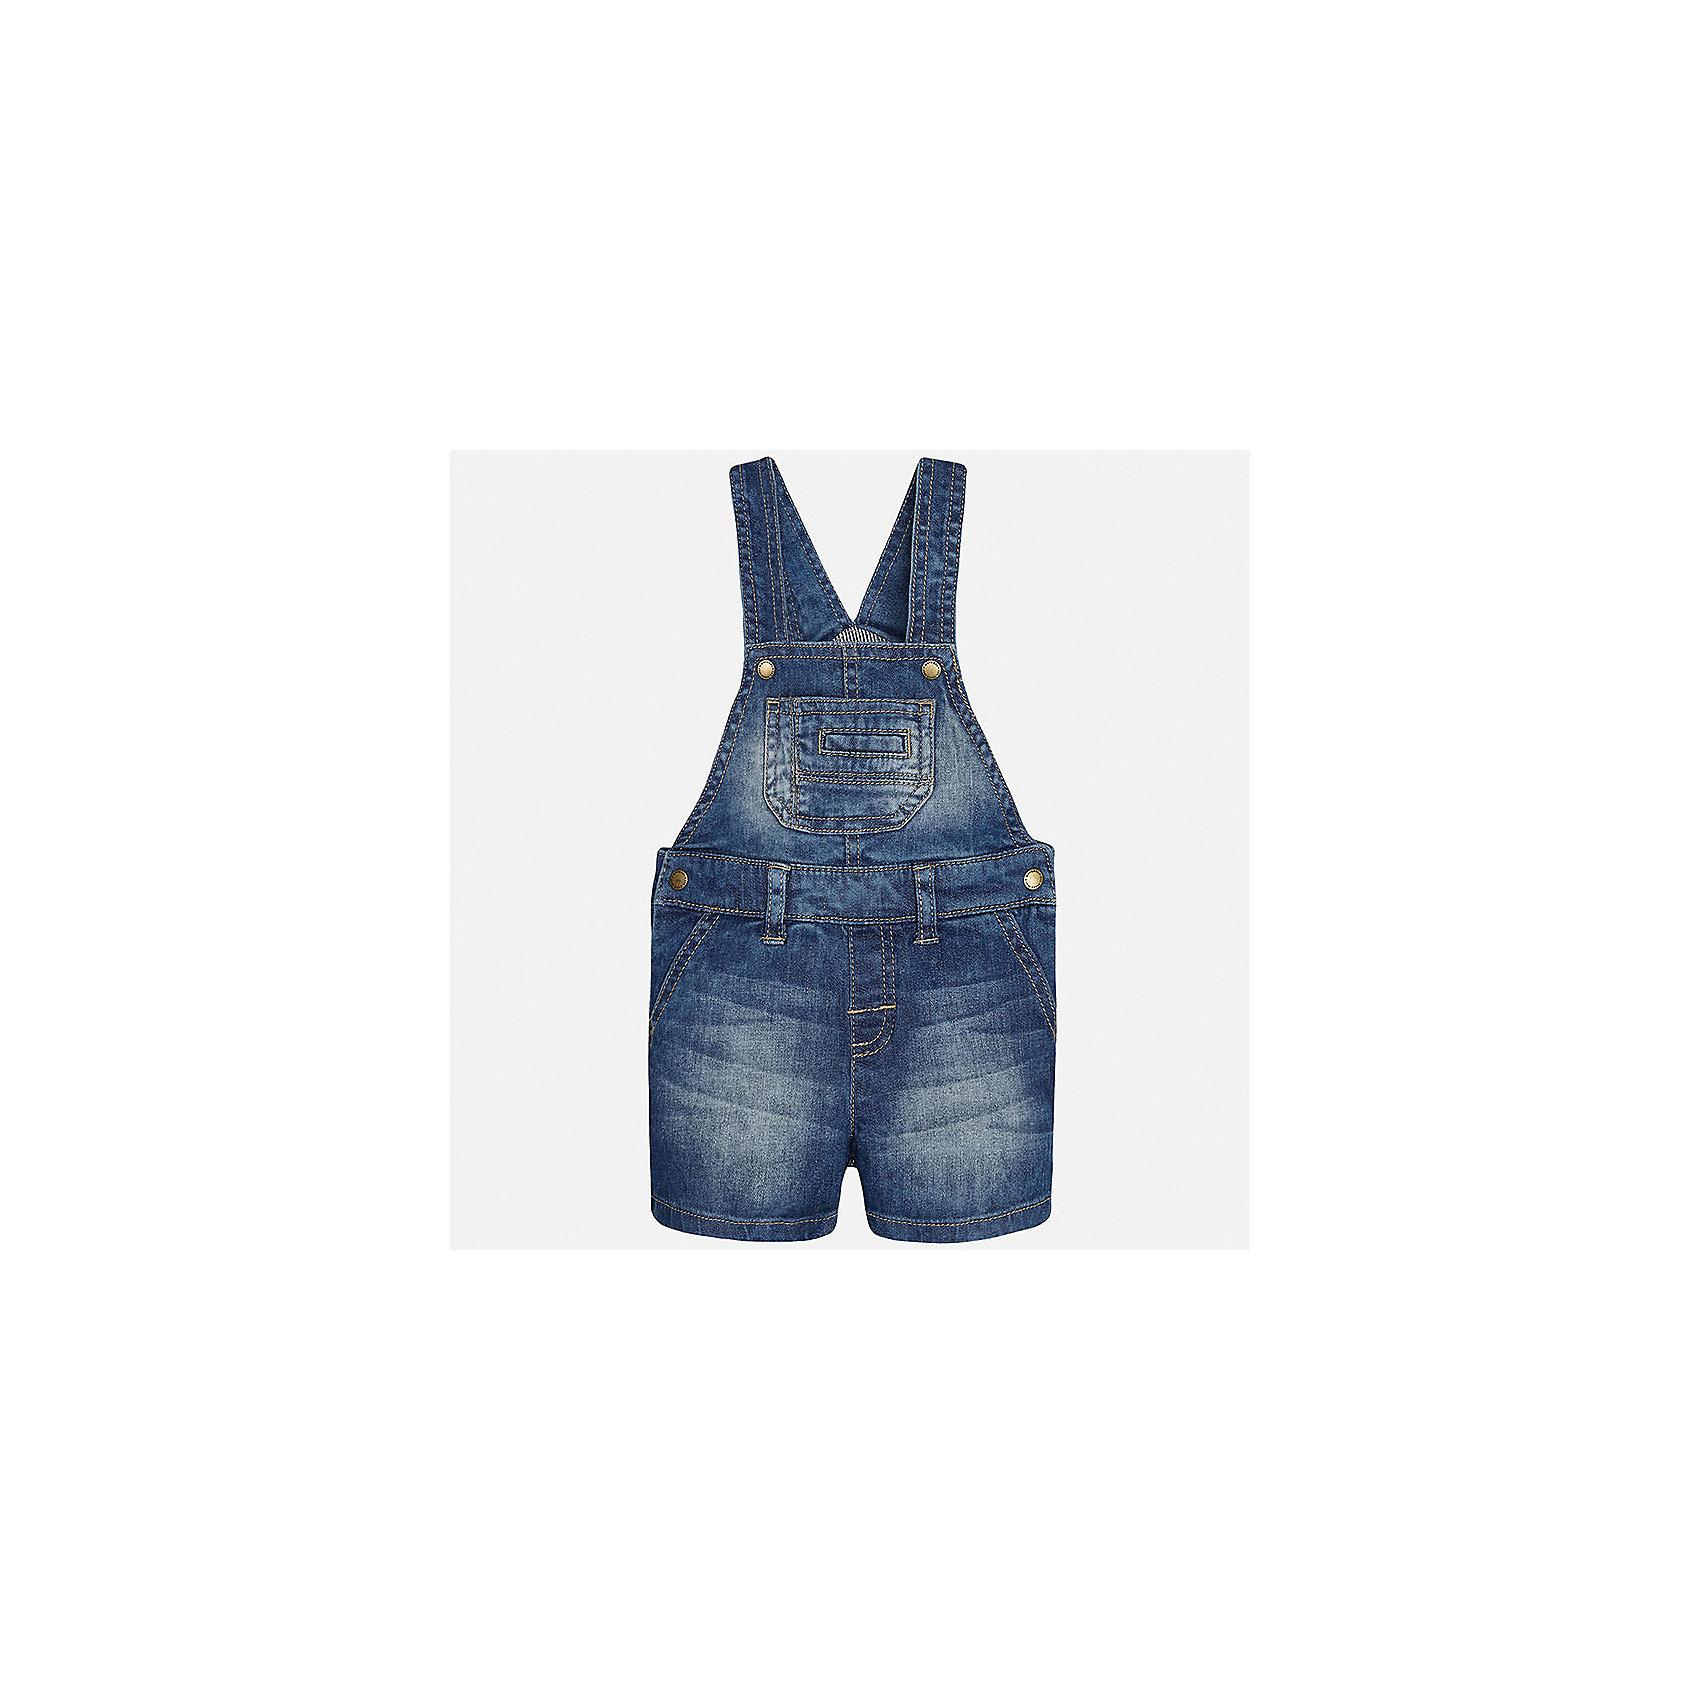 Комбинезон джинсовый для мальчика MayoralХарактеристики товара:<br><br>• цвет: синий<br>• состав: 98% хлопок, 2% эластан, подкладка - 100% полиэстер<br>• лямки<br>• шлевки<br>• карманы<br>• пояс с регулировкой объема<br>• классический силуэт<br>• страна бренда: Испания<br><br>Модный комбинезон для мальчика хорошо впишется в гардероб ребенка. Он отлично сочетается с майками, футболками, рубашками и т.д. Универсальный крой и цвет позволяет подобрать к вещи верх разных расцветок. Практичное и стильное изделие! В составе материала - натуральный хлопок, гипоаллергенный, приятный на ощупь, дышащий.<br><br>Одежда, обувь и аксессуары от испанского бренда Mayoral полюбились детям и взрослым по всему миру. Модели этой марки - стильные и удобные. Для их производства используются только безопасные, качественные материалы и фурнитура. Порадуйте ребенка модными и красивыми вещами от Mayoral! <br><br>Комбинезон для мальчика от испанского бренда Mayoral (Майорал) можно купить в нашем интернет-магазине.<br><br>Ширина мм: 215<br>Глубина мм: 88<br>Высота мм: 191<br>Вес г: 336<br>Цвет: голубой<br>Возраст от месяцев: 12<br>Возраст до месяцев: 15<br>Пол: Мужской<br>Возраст: Детский<br>Размер: 80,92,86<br>SKU: 5279673